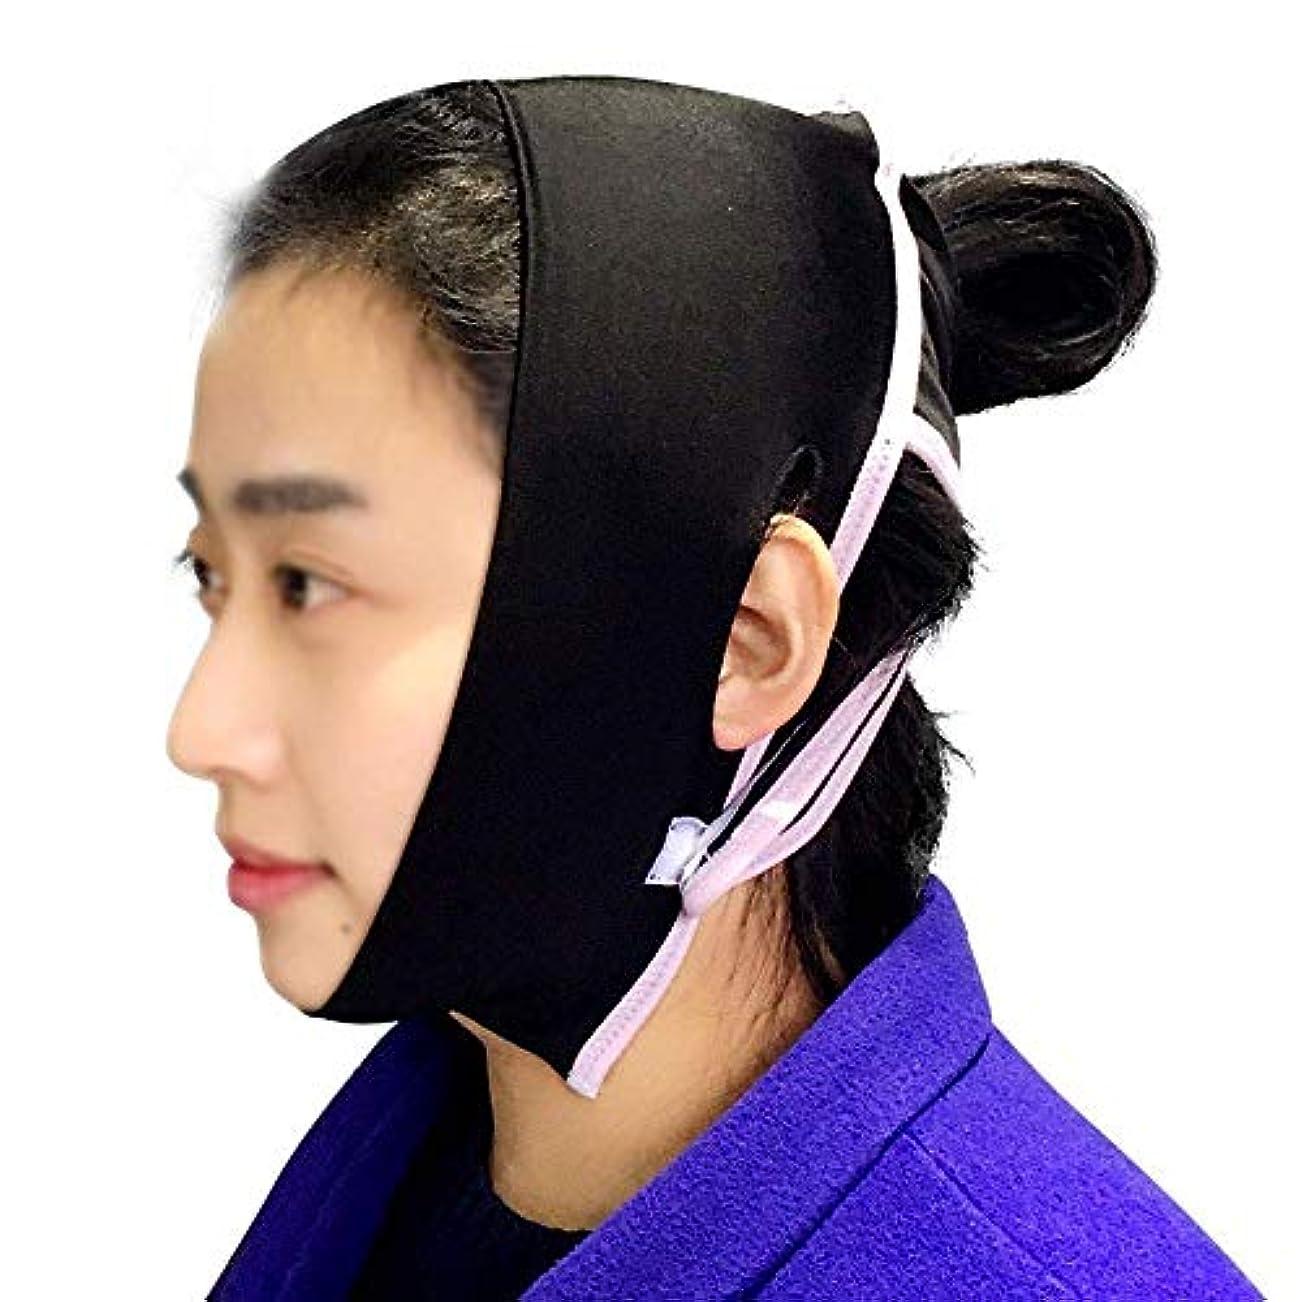 セレナ伝導枕フェイスリフティングバンデージ、V字型の顔を作成するためのダブルチン/リフティングタイトスキンバンデージマスクの販売(色:黒)